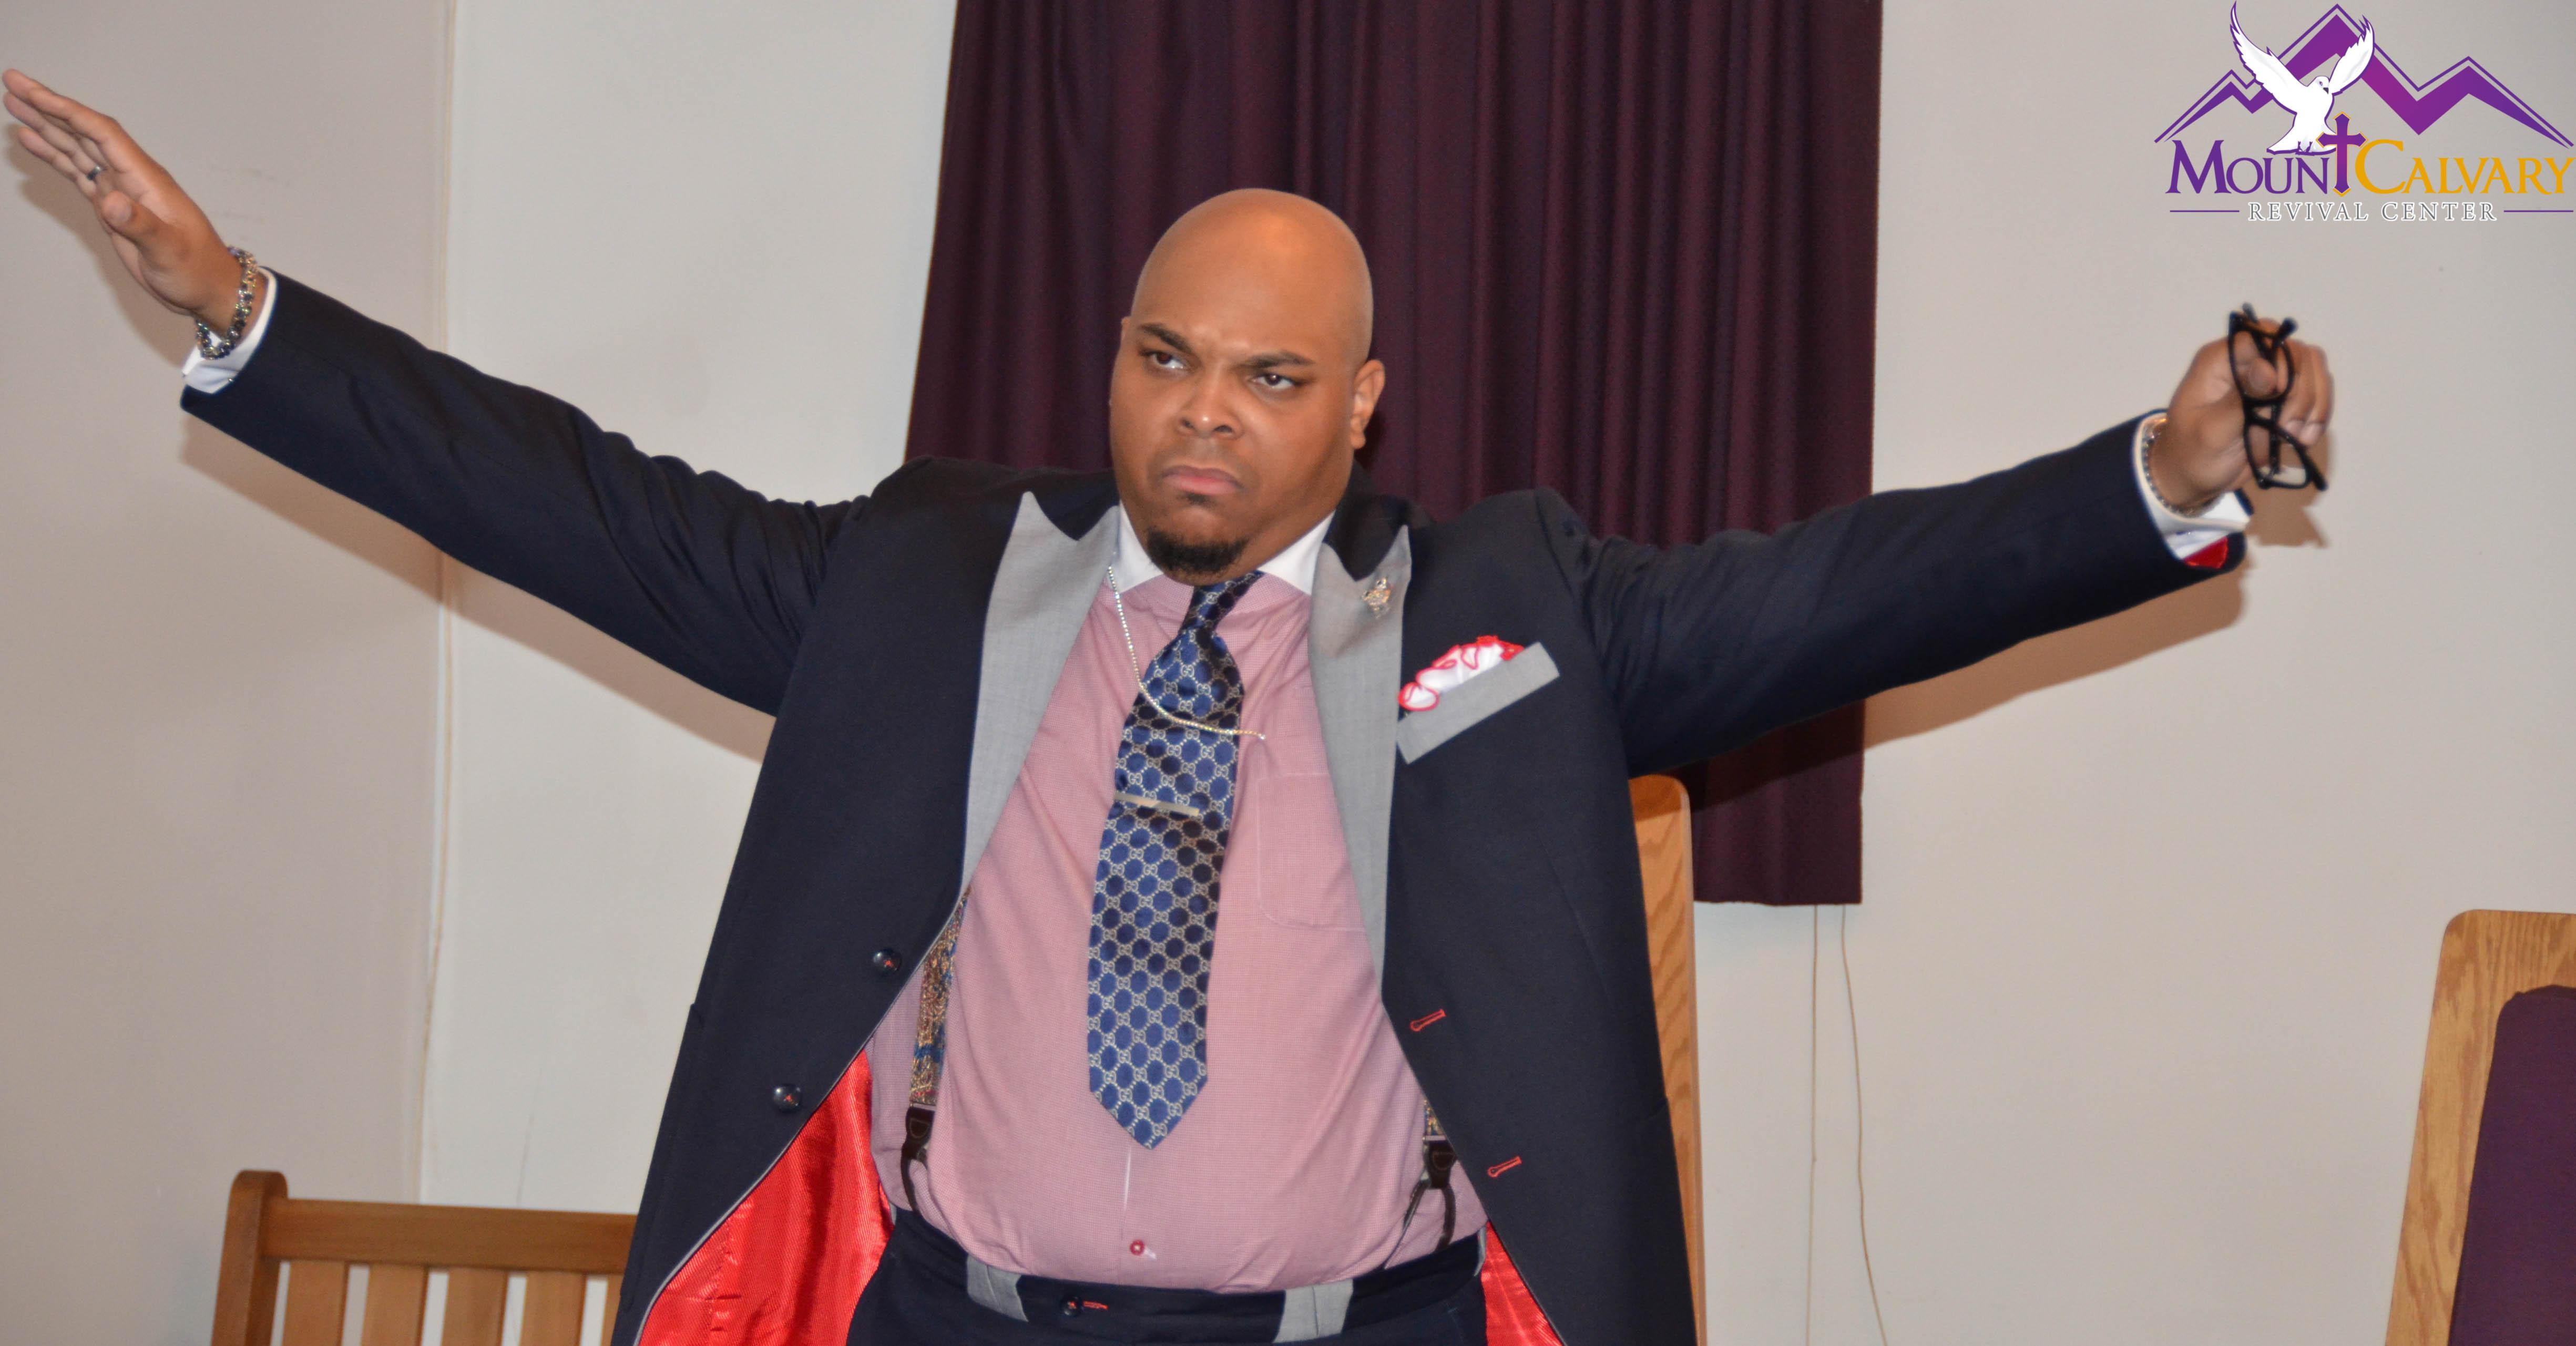 Overseer Daniel Bland